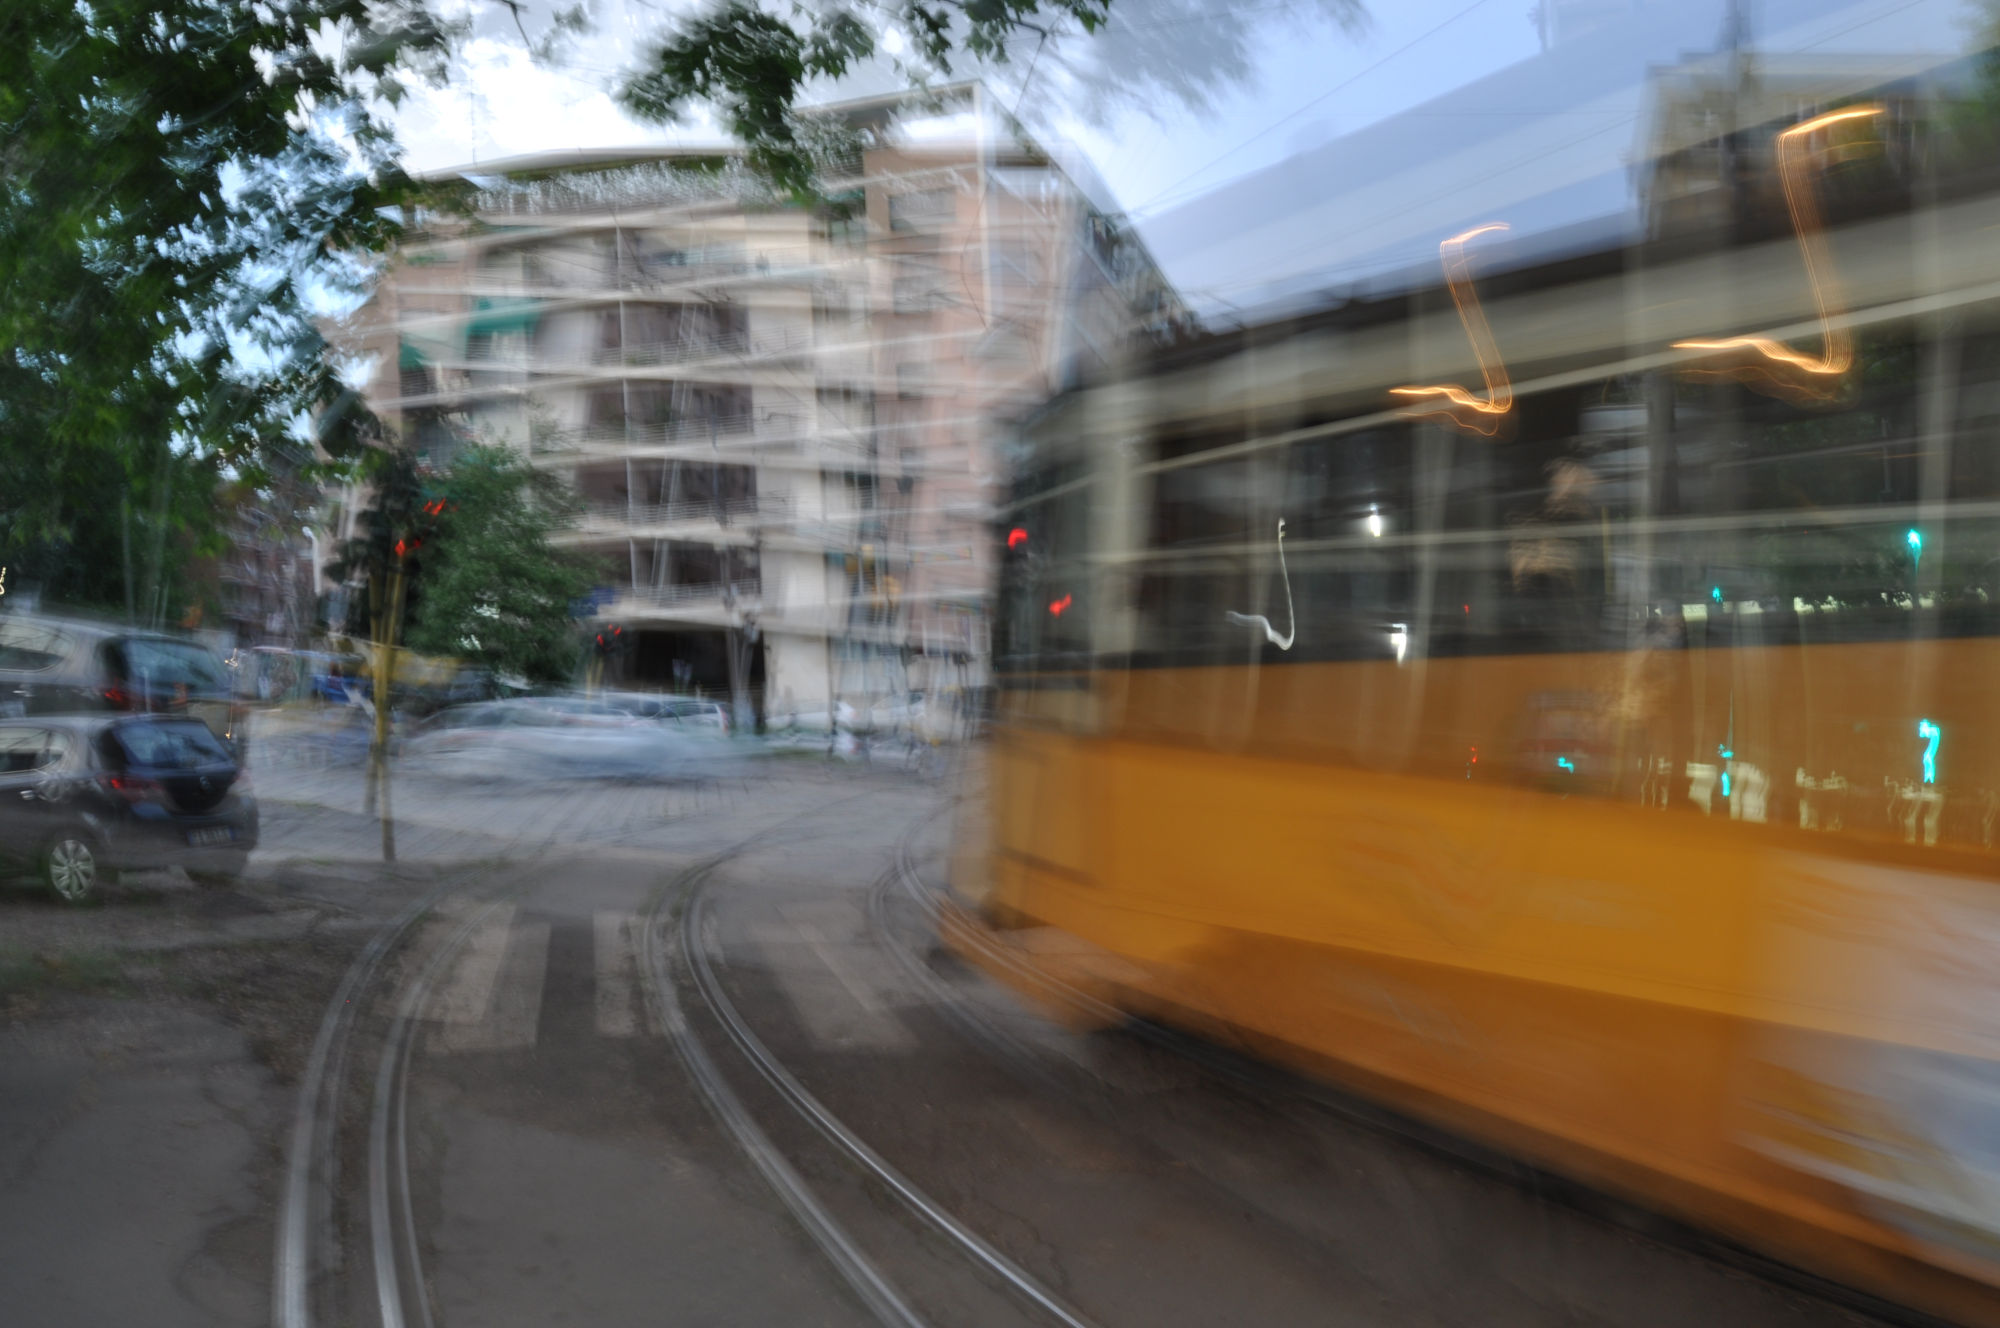 foto mossa milano corso sempione 2020 0045b